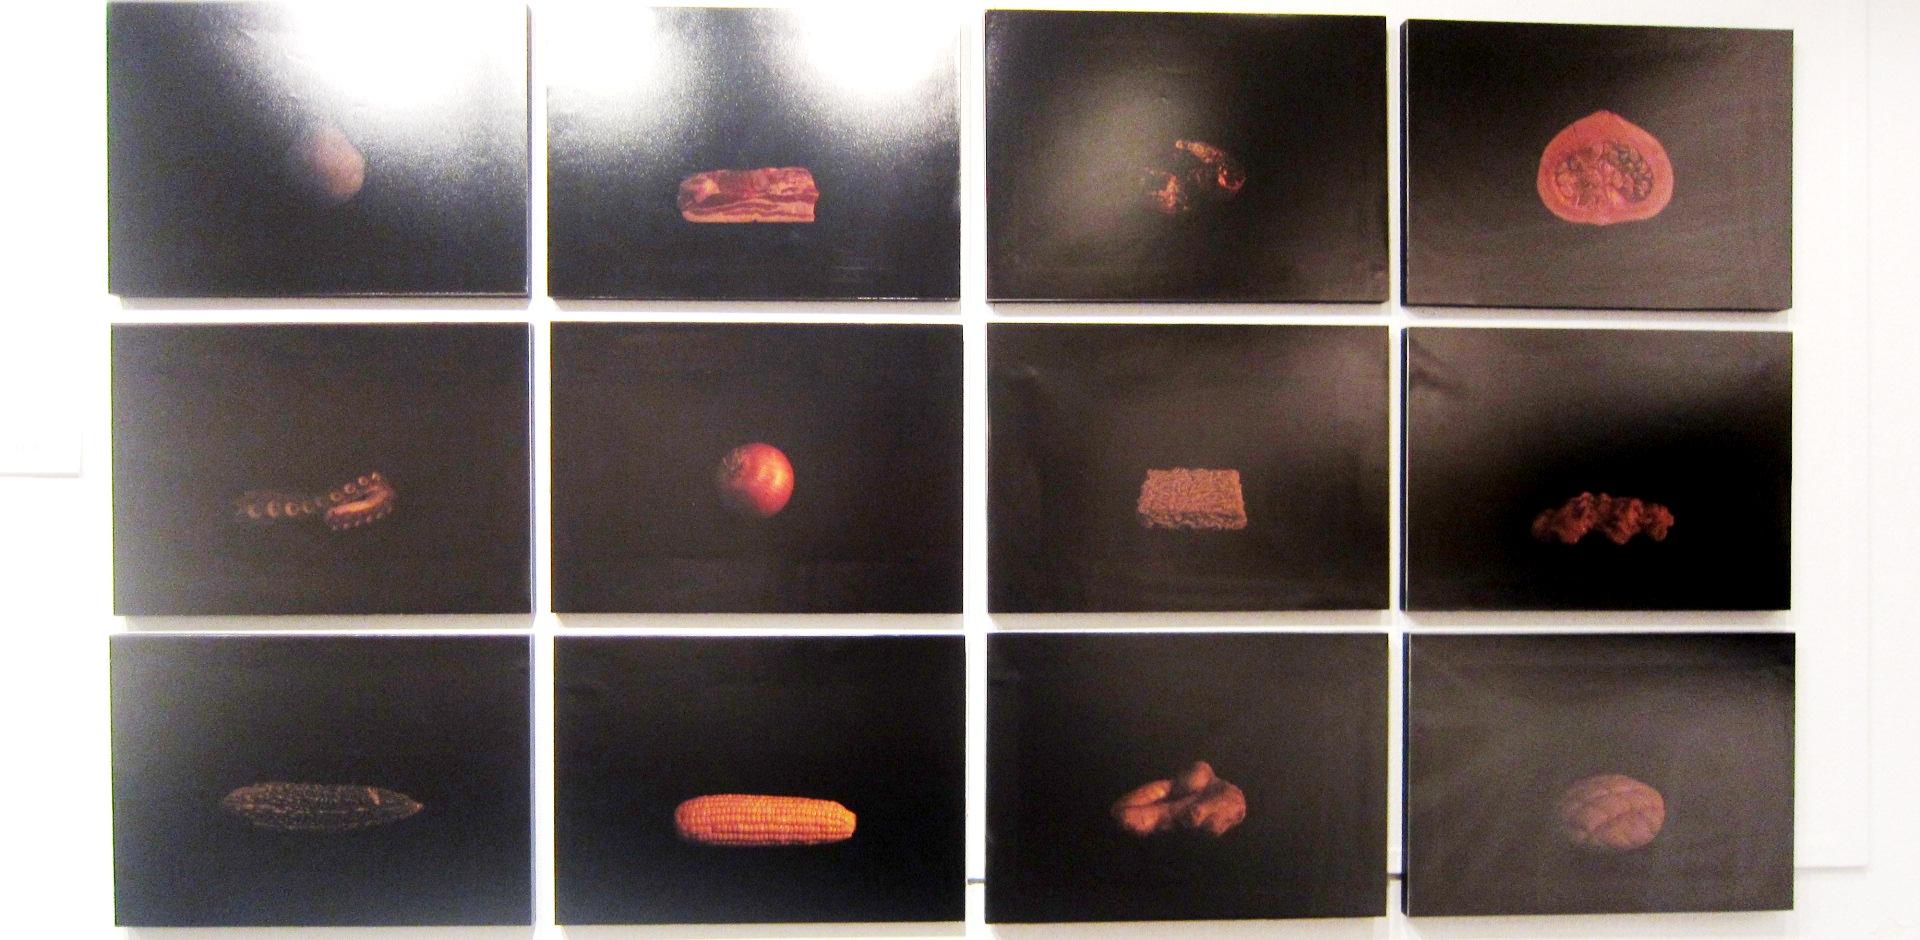 2525)⑥「群青後期②「女の空間」(女性6名の写真展)」アートスペース201 終了/2月4日(木)~2月9日(火)_f0126829_857220.jpg